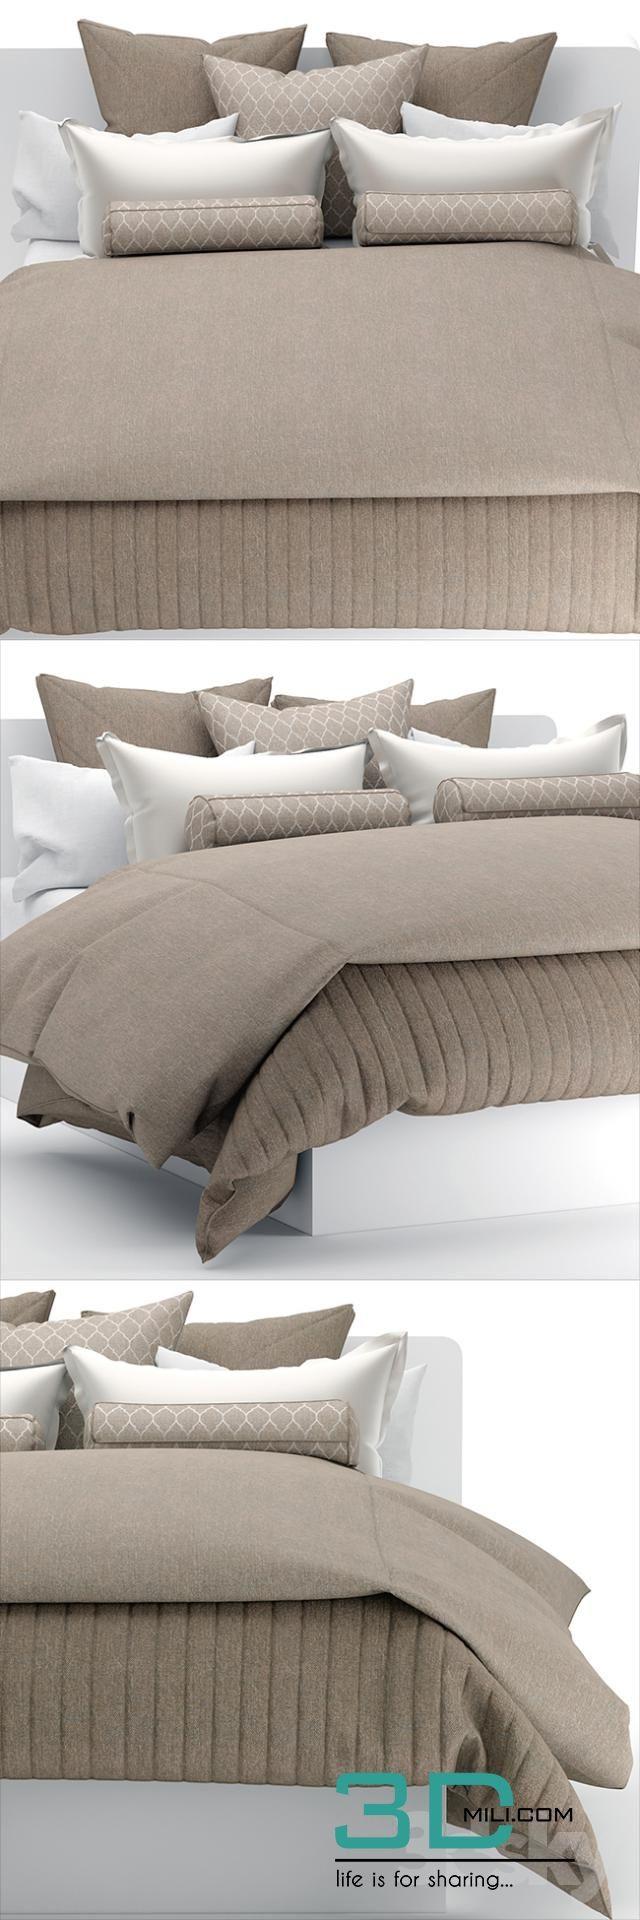 Bed 198 3d models free download